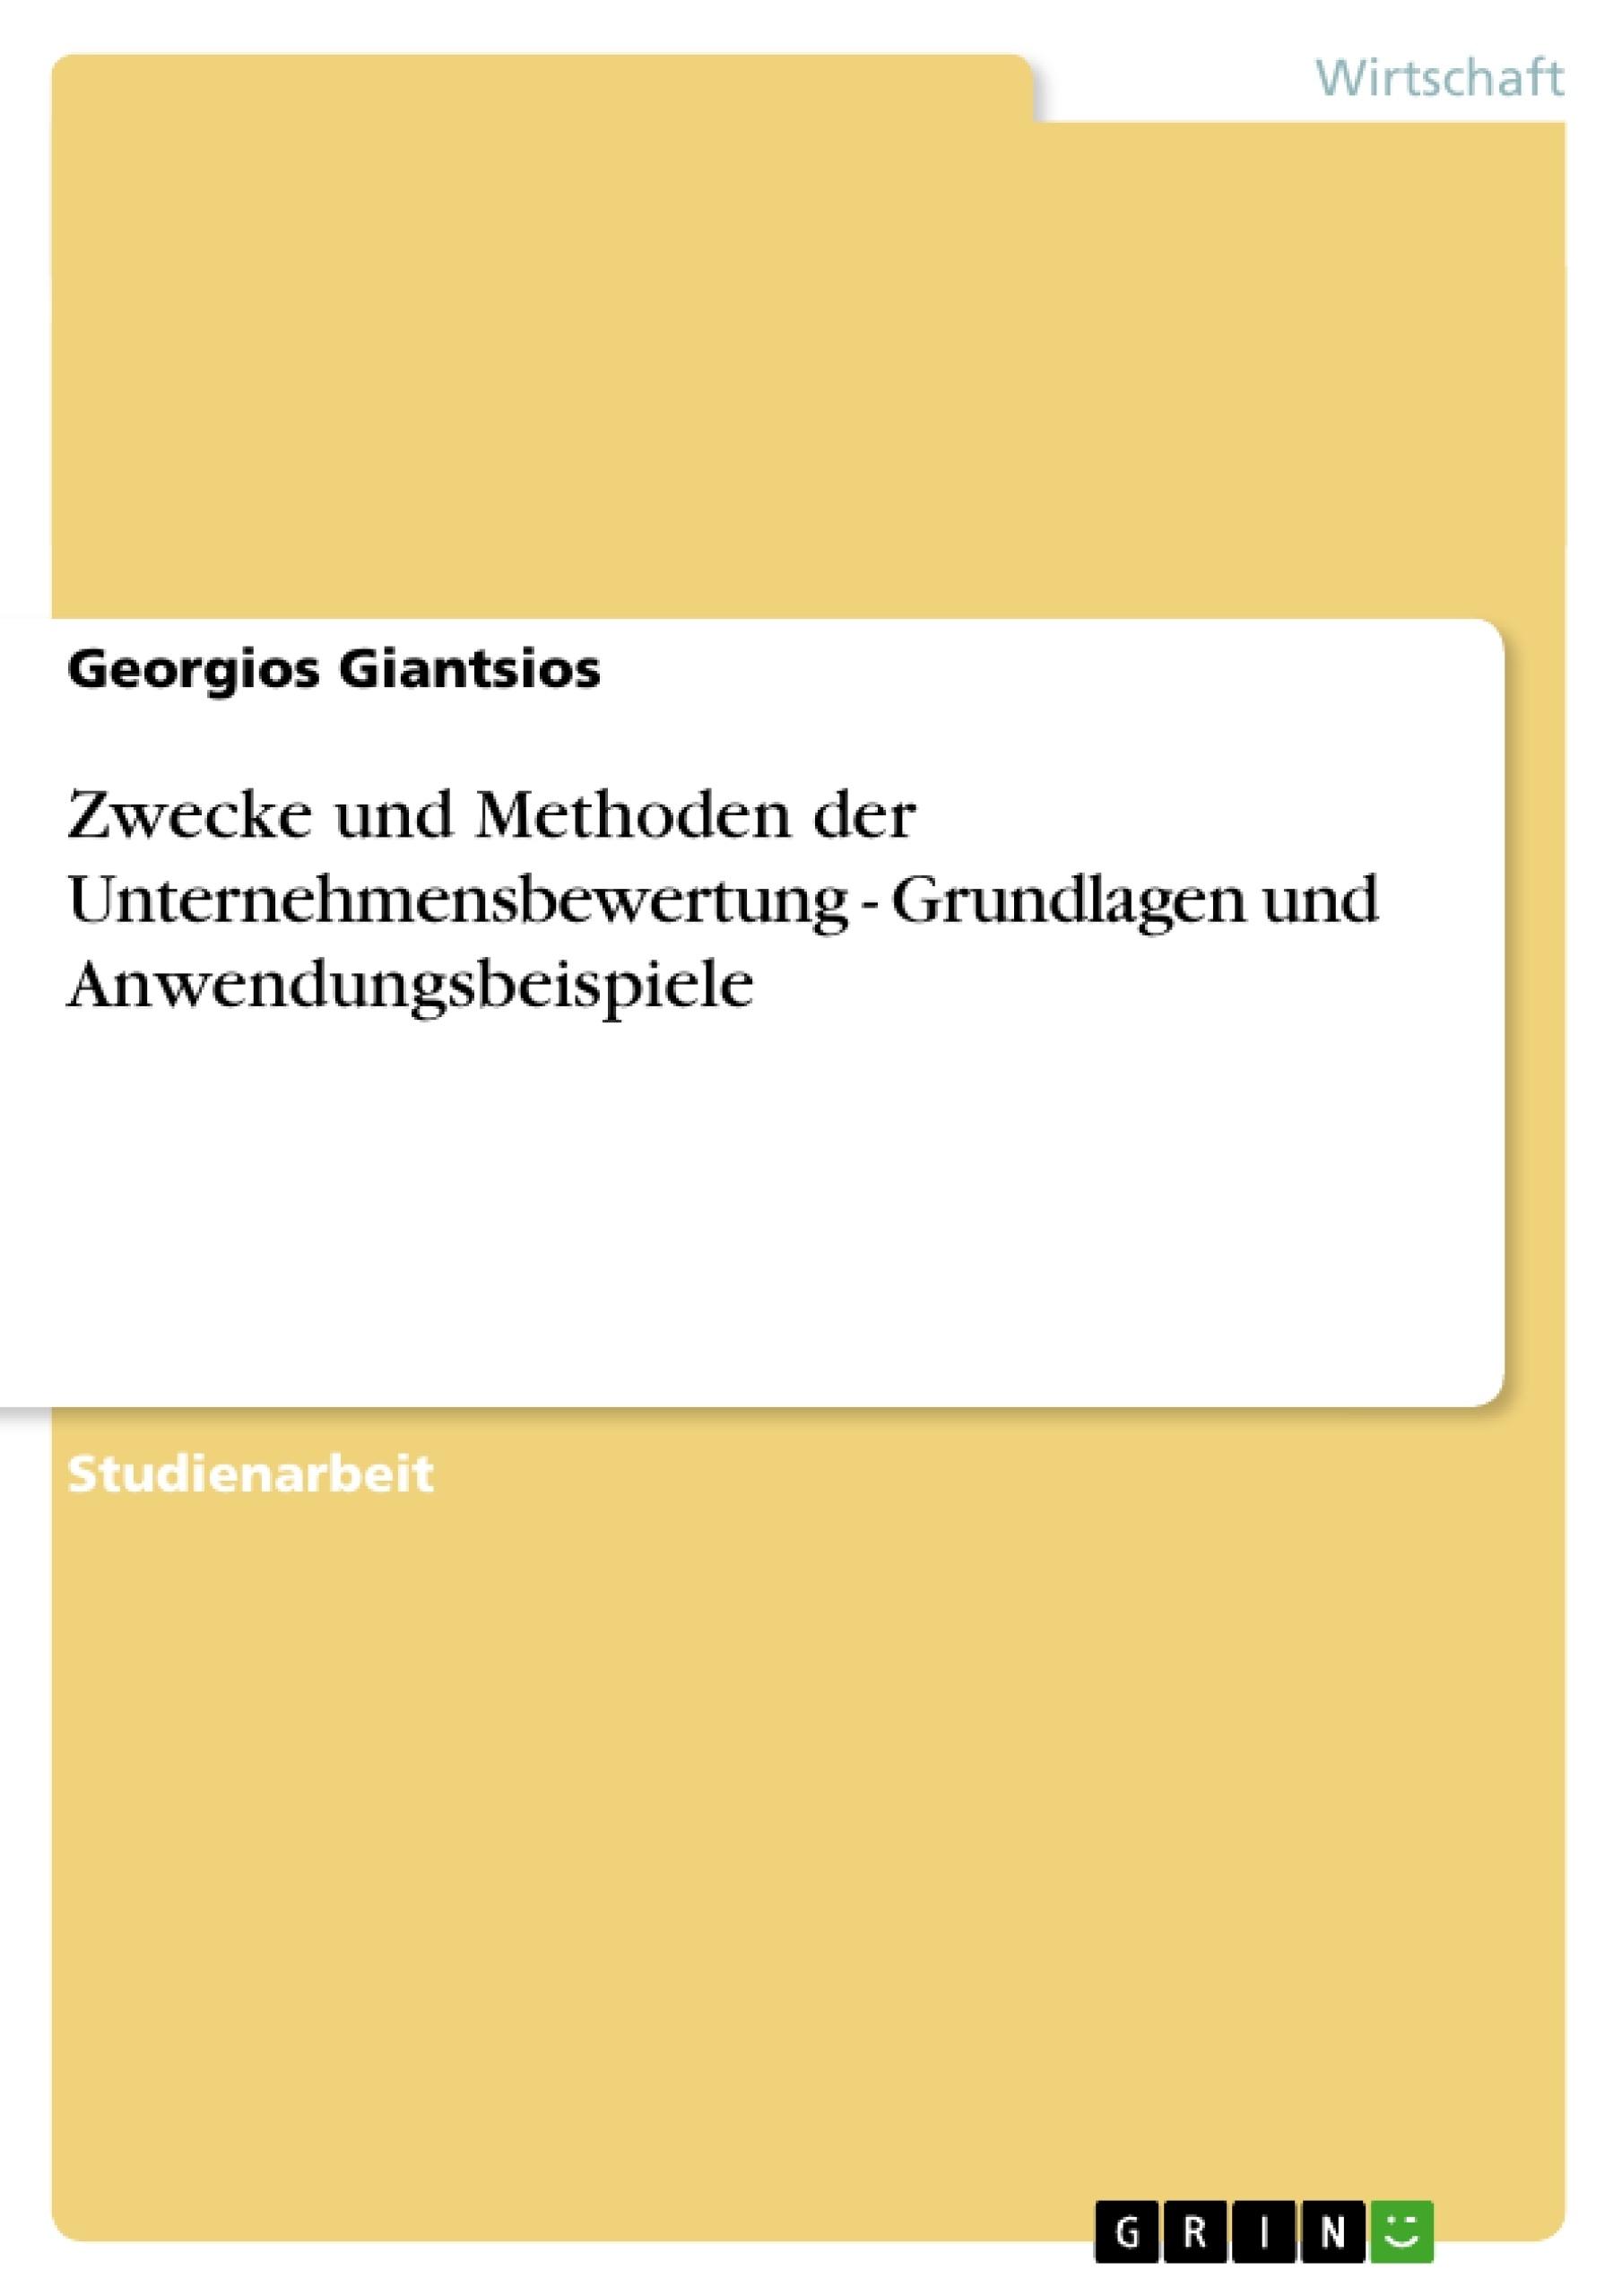 Titel: Zwecke und Methoden der Unternehmensbewertung - Grundlagen und Anwendungsbeispiele